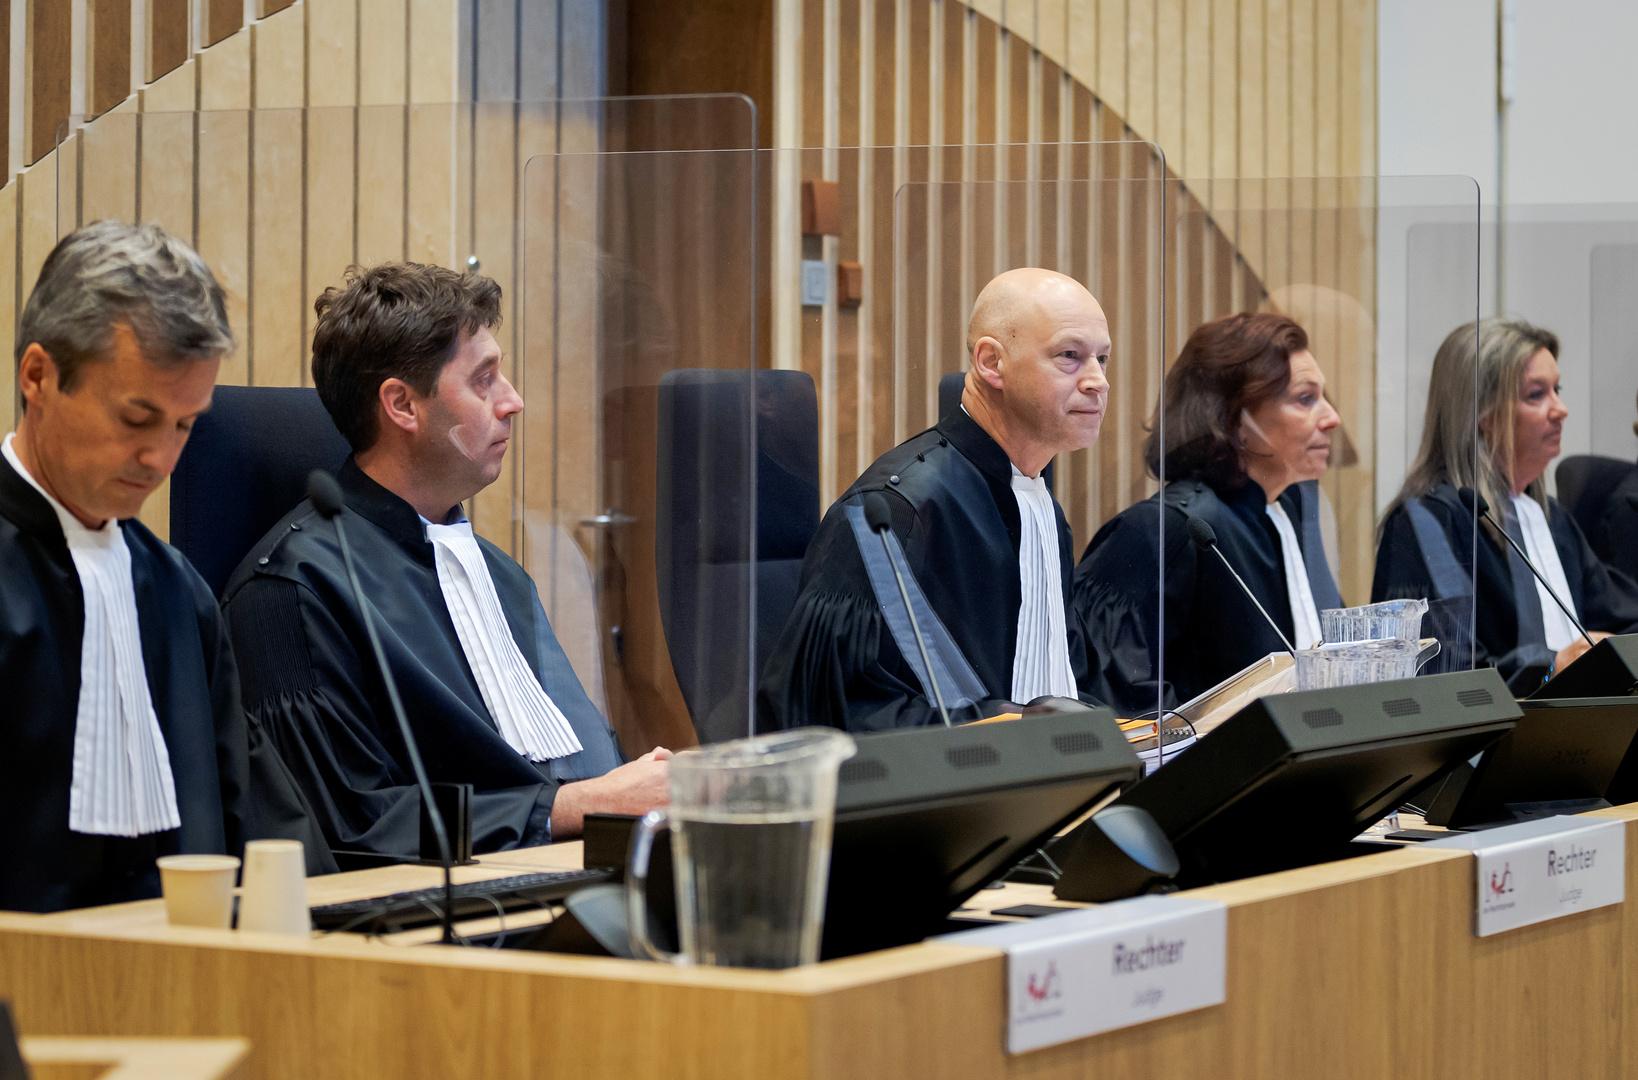 محاكمة في قضية MH17 بمحكمة لاهاي